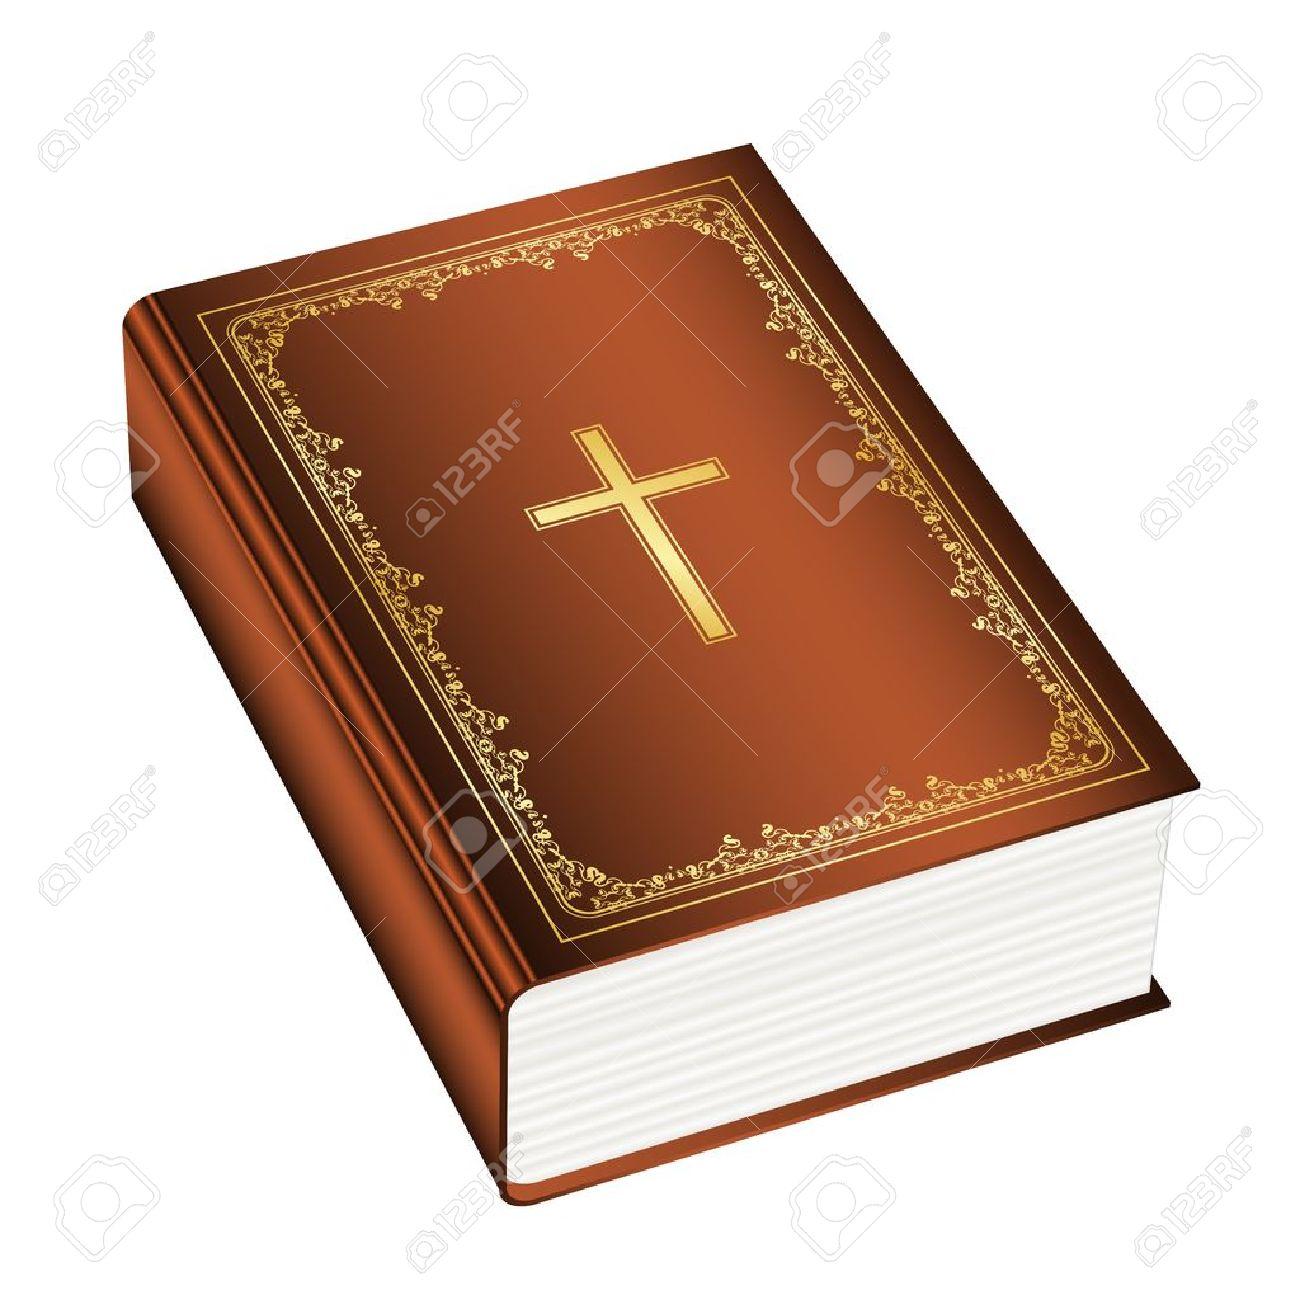 ホリー聖書のベクトル イラストのイラスト素材・ベクタ - Image 14181509.